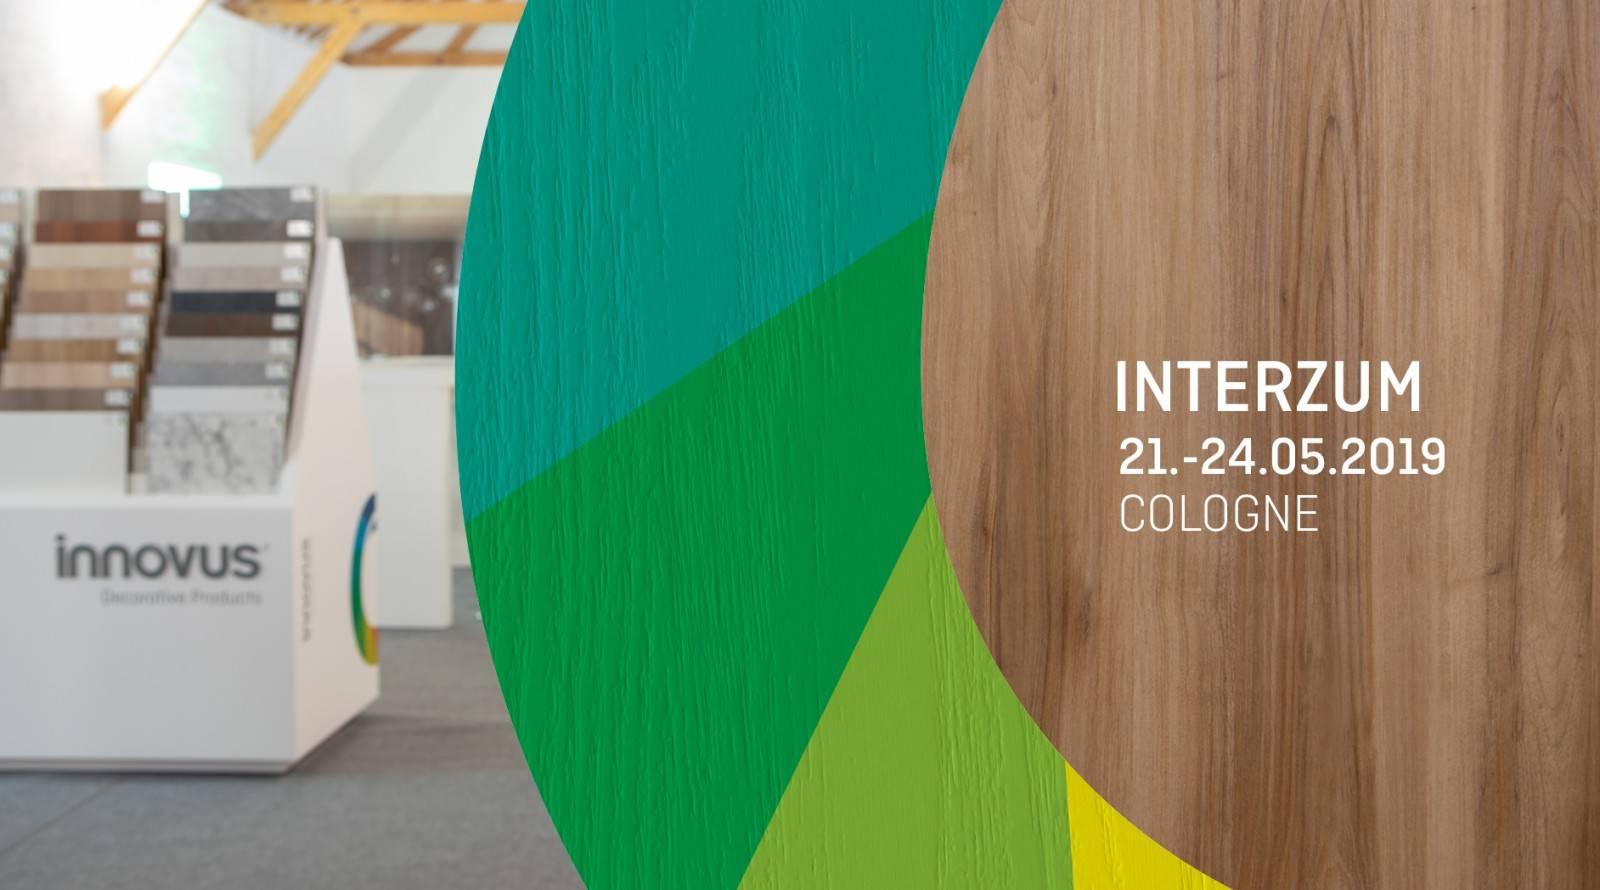 SONAE ARAUCO presentará la nueva colección «Innovus» en interzum